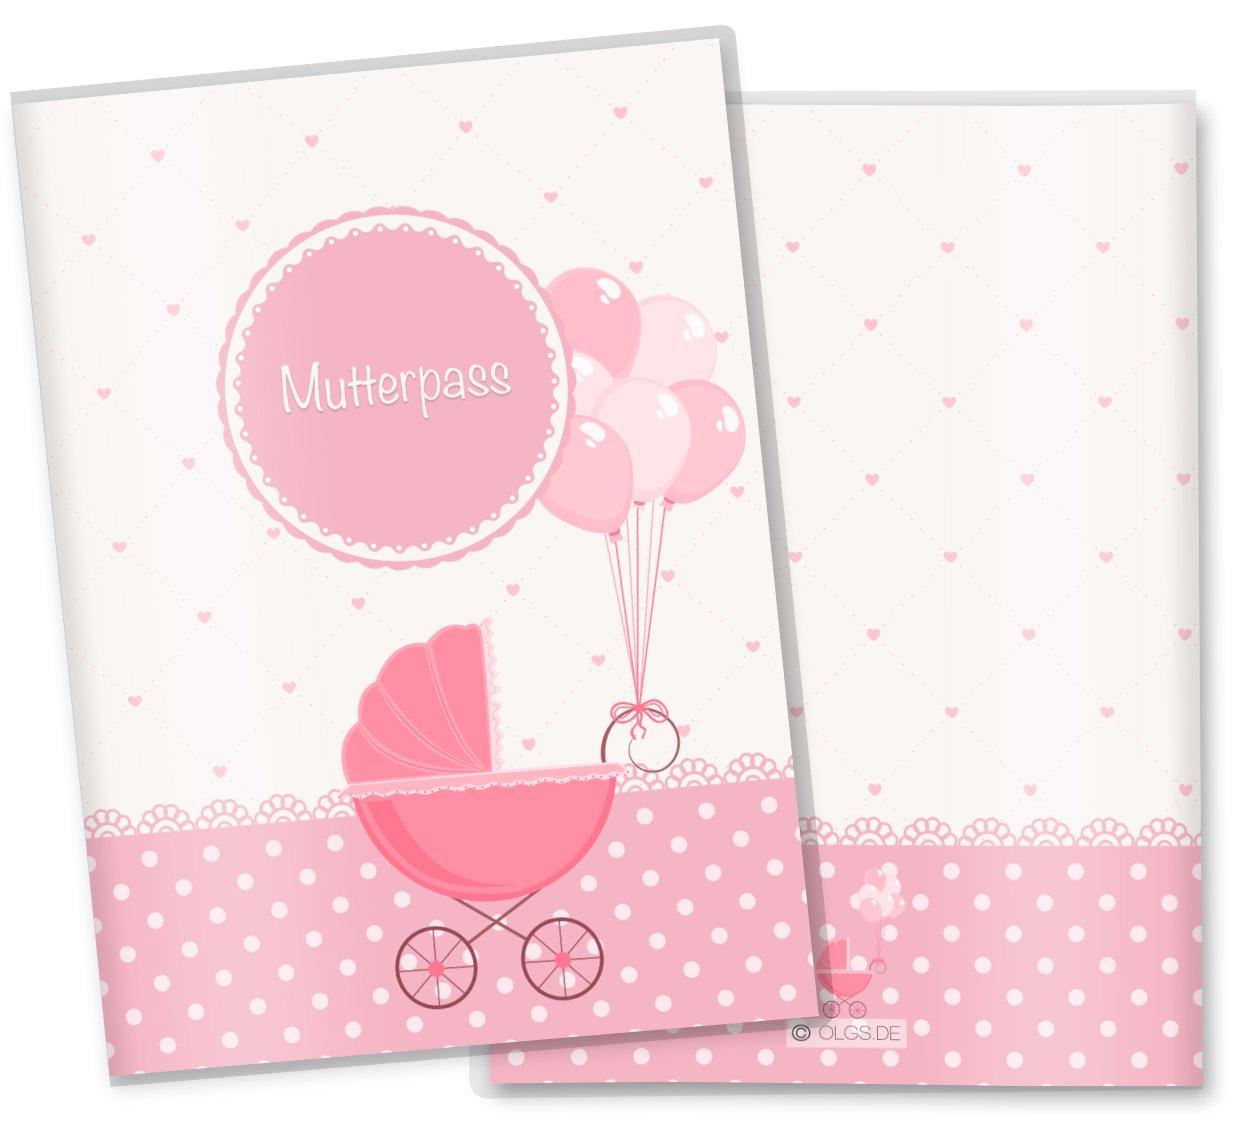 Couverture personnalisable avec des noms pour carnet de santé maternité - design rose avec des cœurs. Olgs Babyartikel